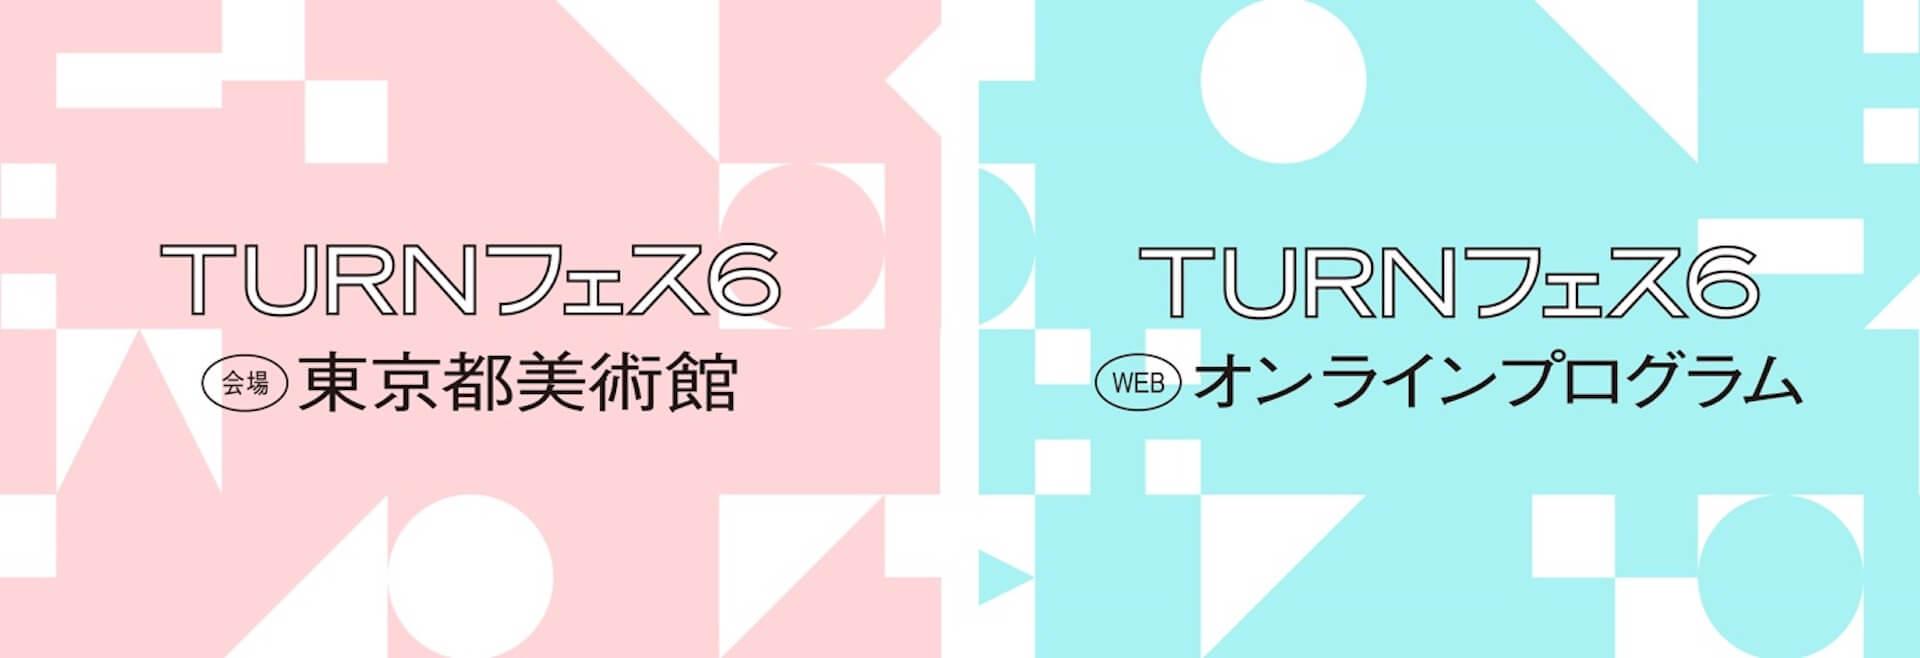 アートプロジェクト「TURN」によるTURNフェス6が東京都美術館で開催!特設Webサイト企画も art210730_turn-02